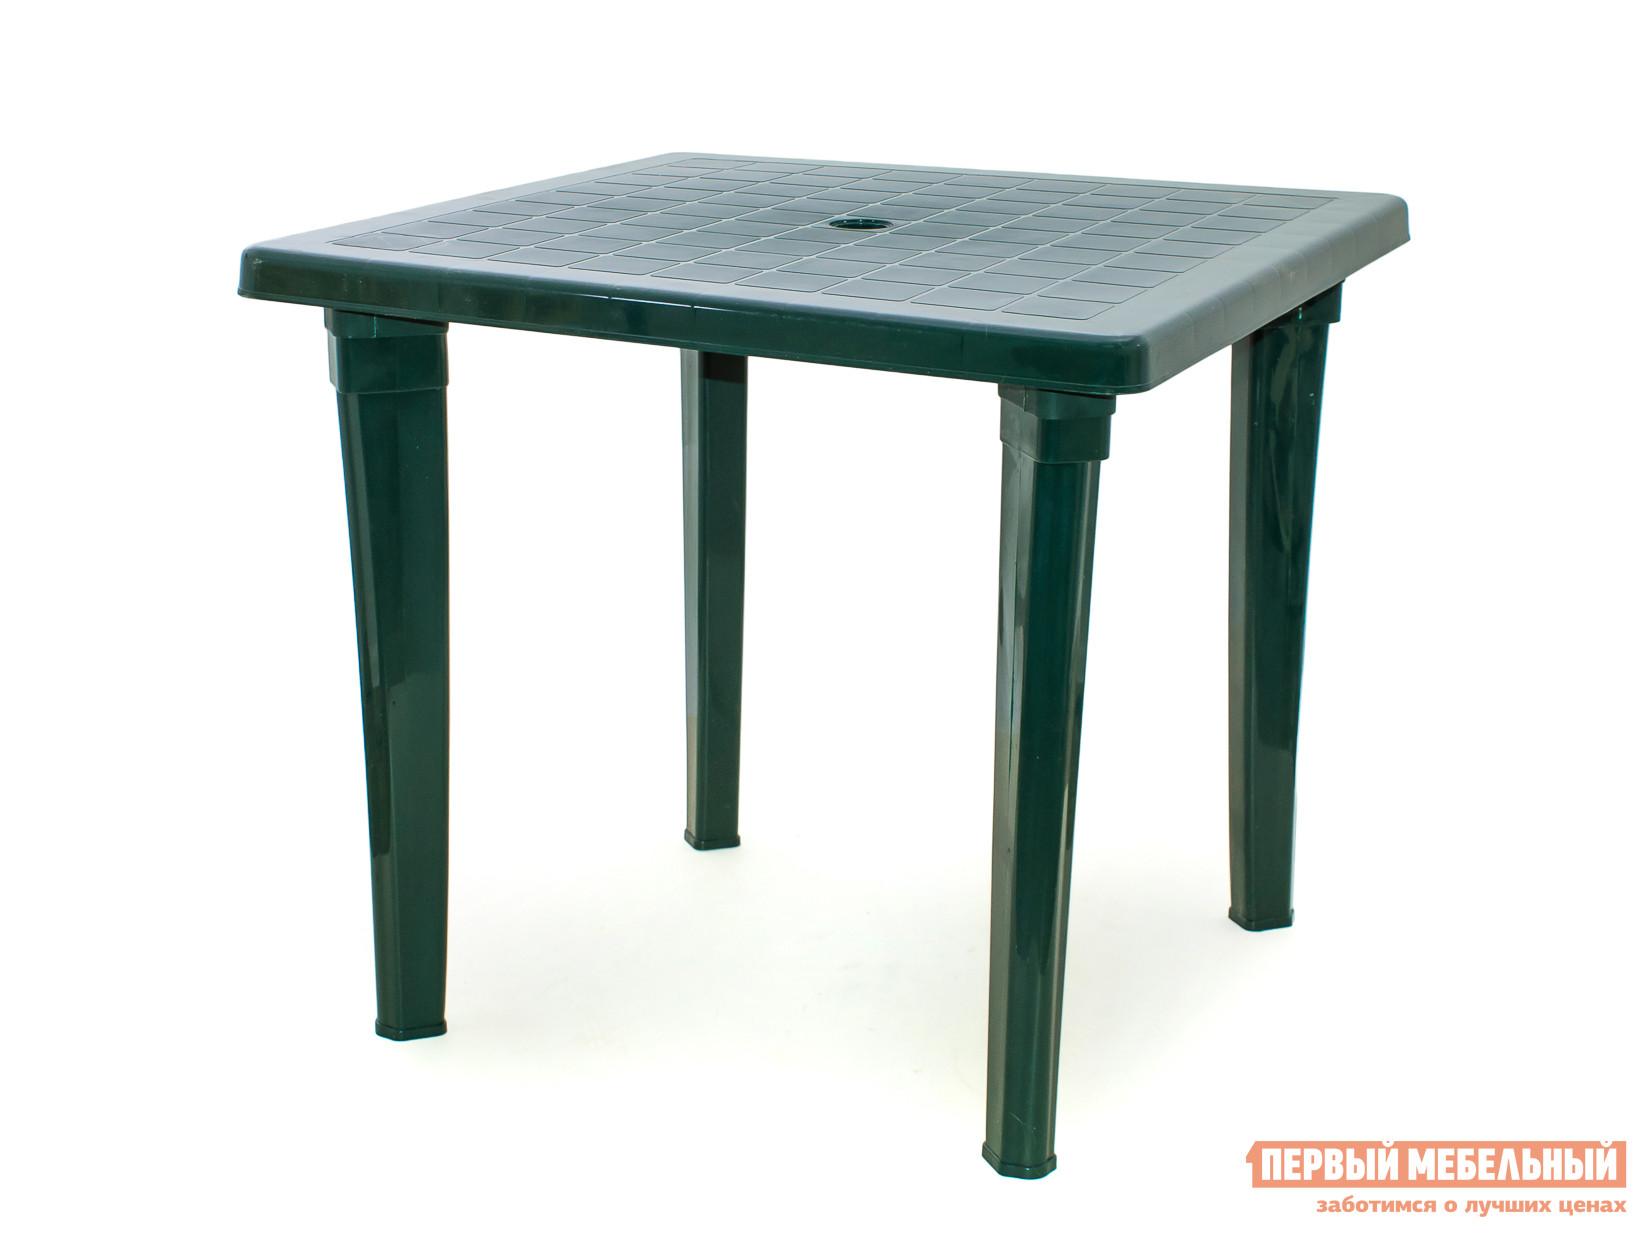 Пластиковый стол ЭЛП Стол квадратный Темно-зеленый